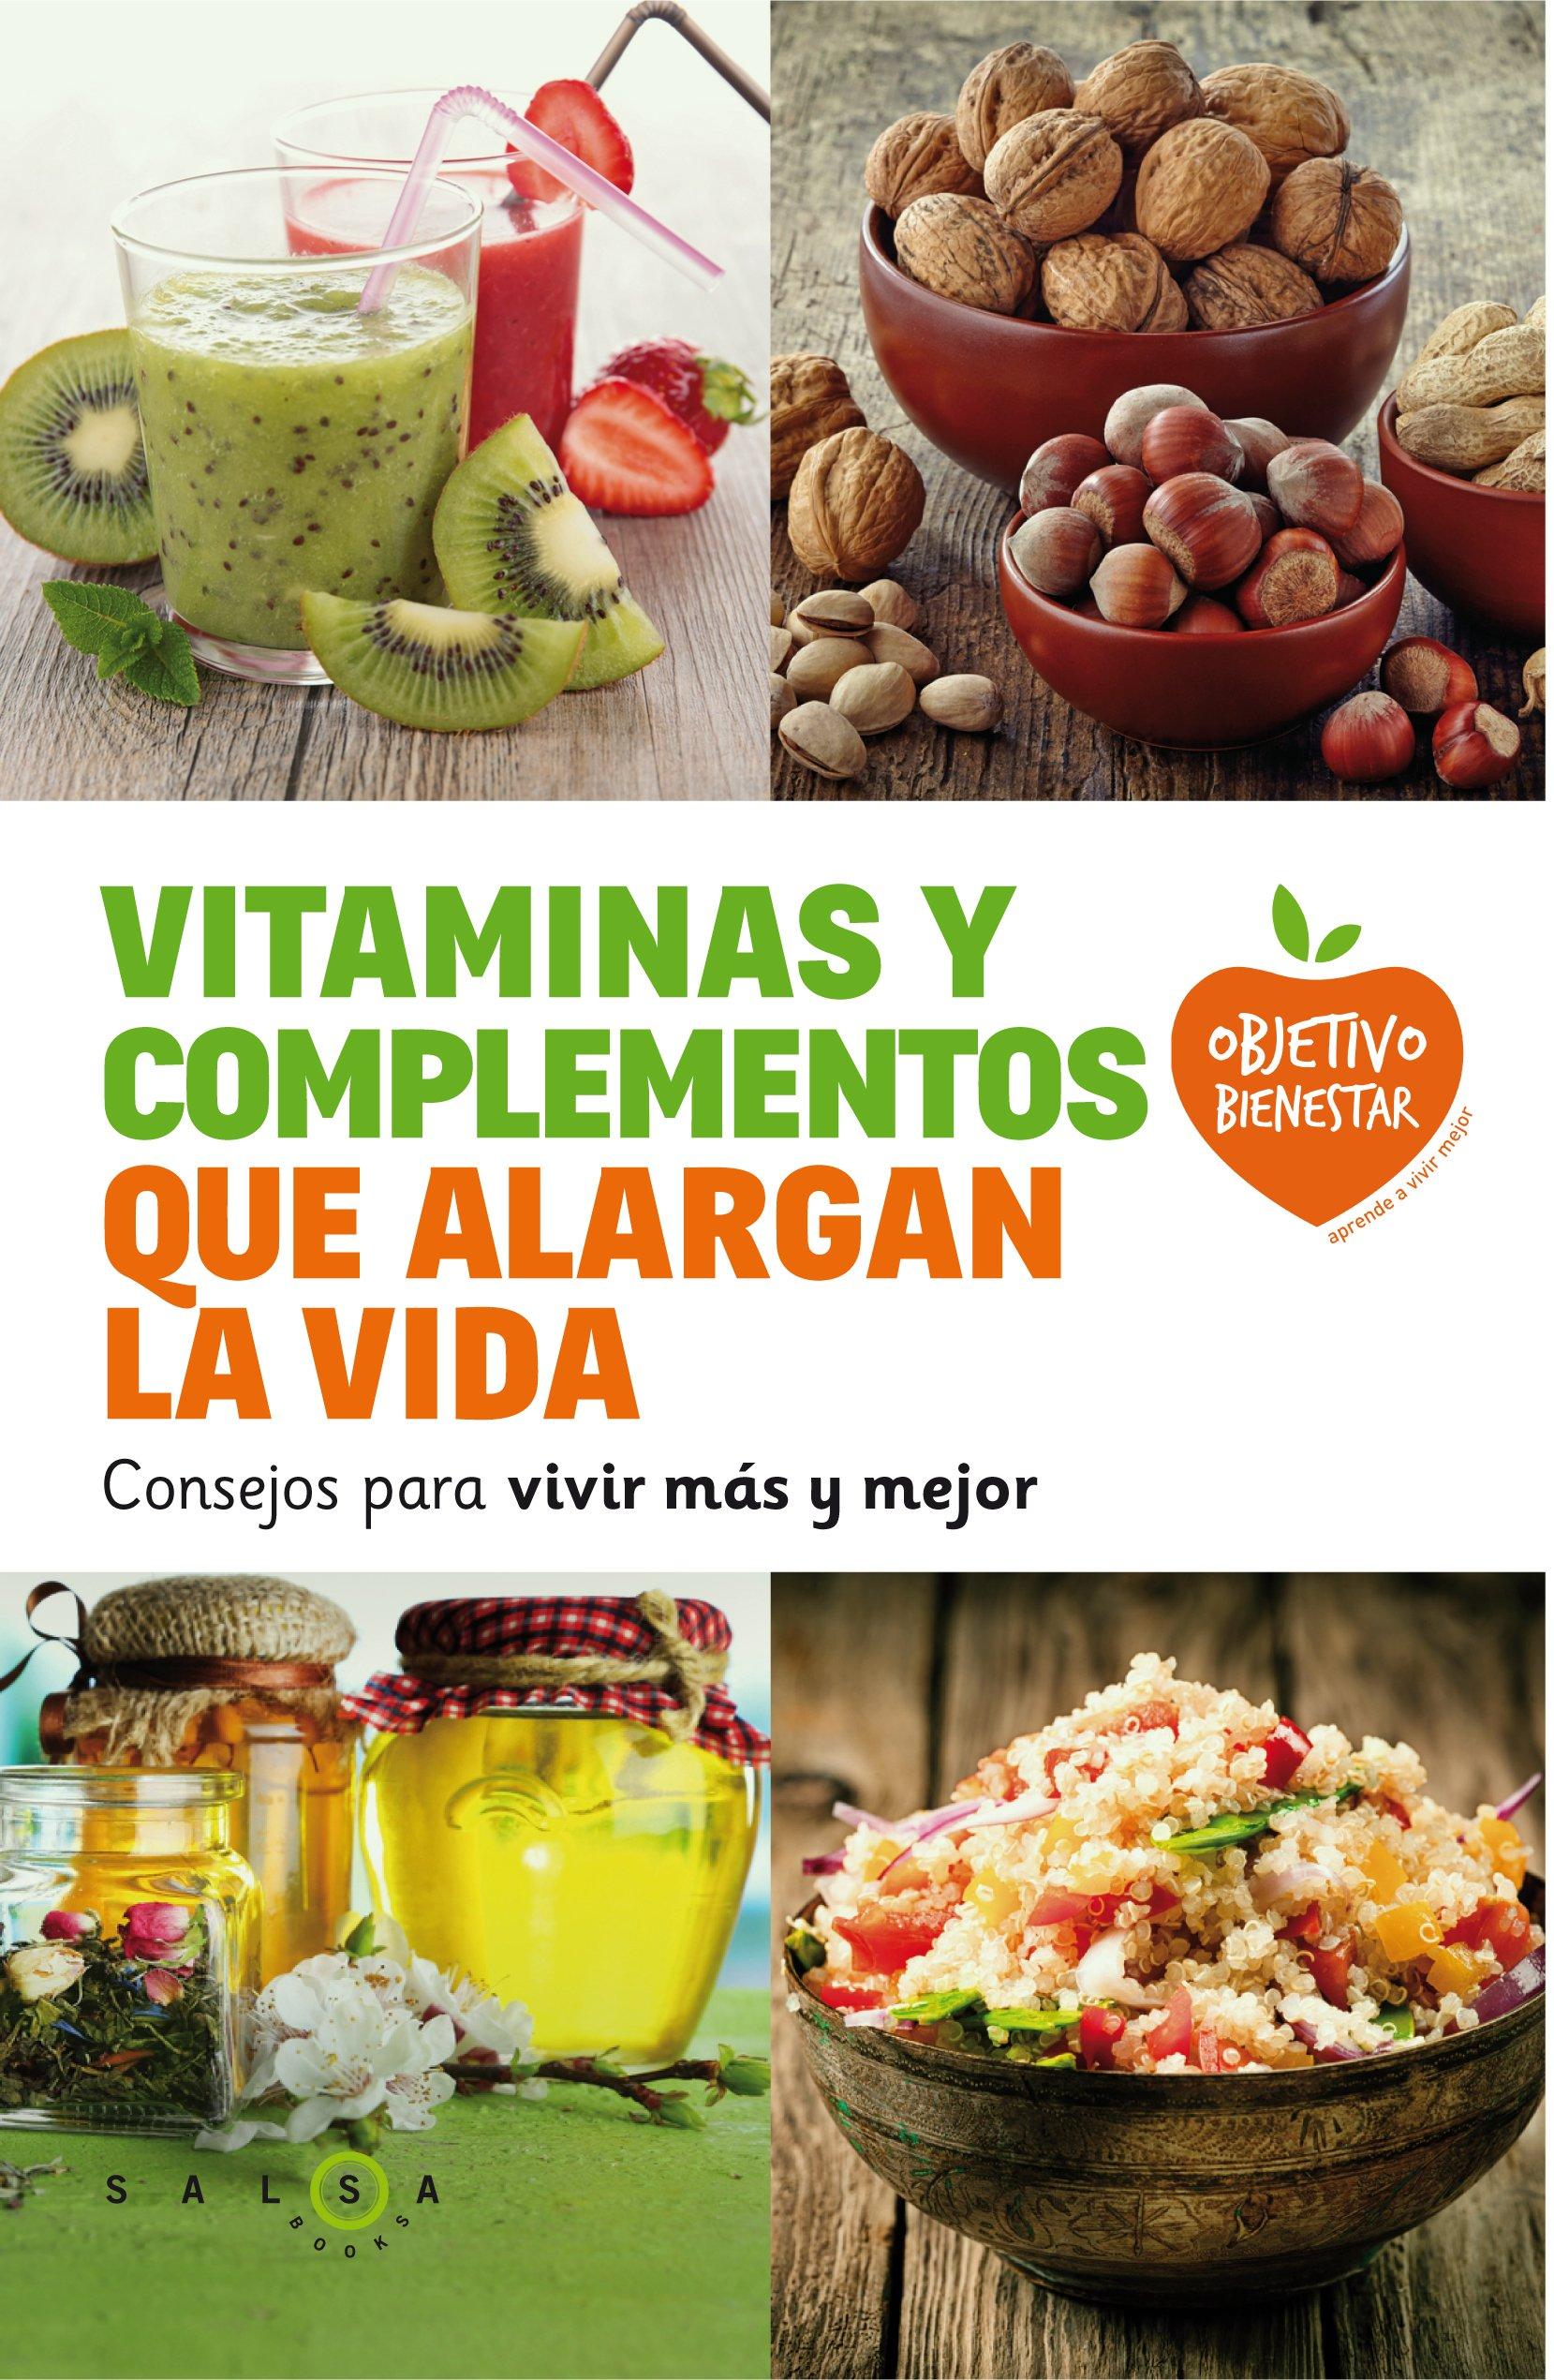 Vitaminas y complementos que alargan la vida: Consejos para vivir más y mejor Objetivo bienestar: Amazon.es: Autores varios: Libros